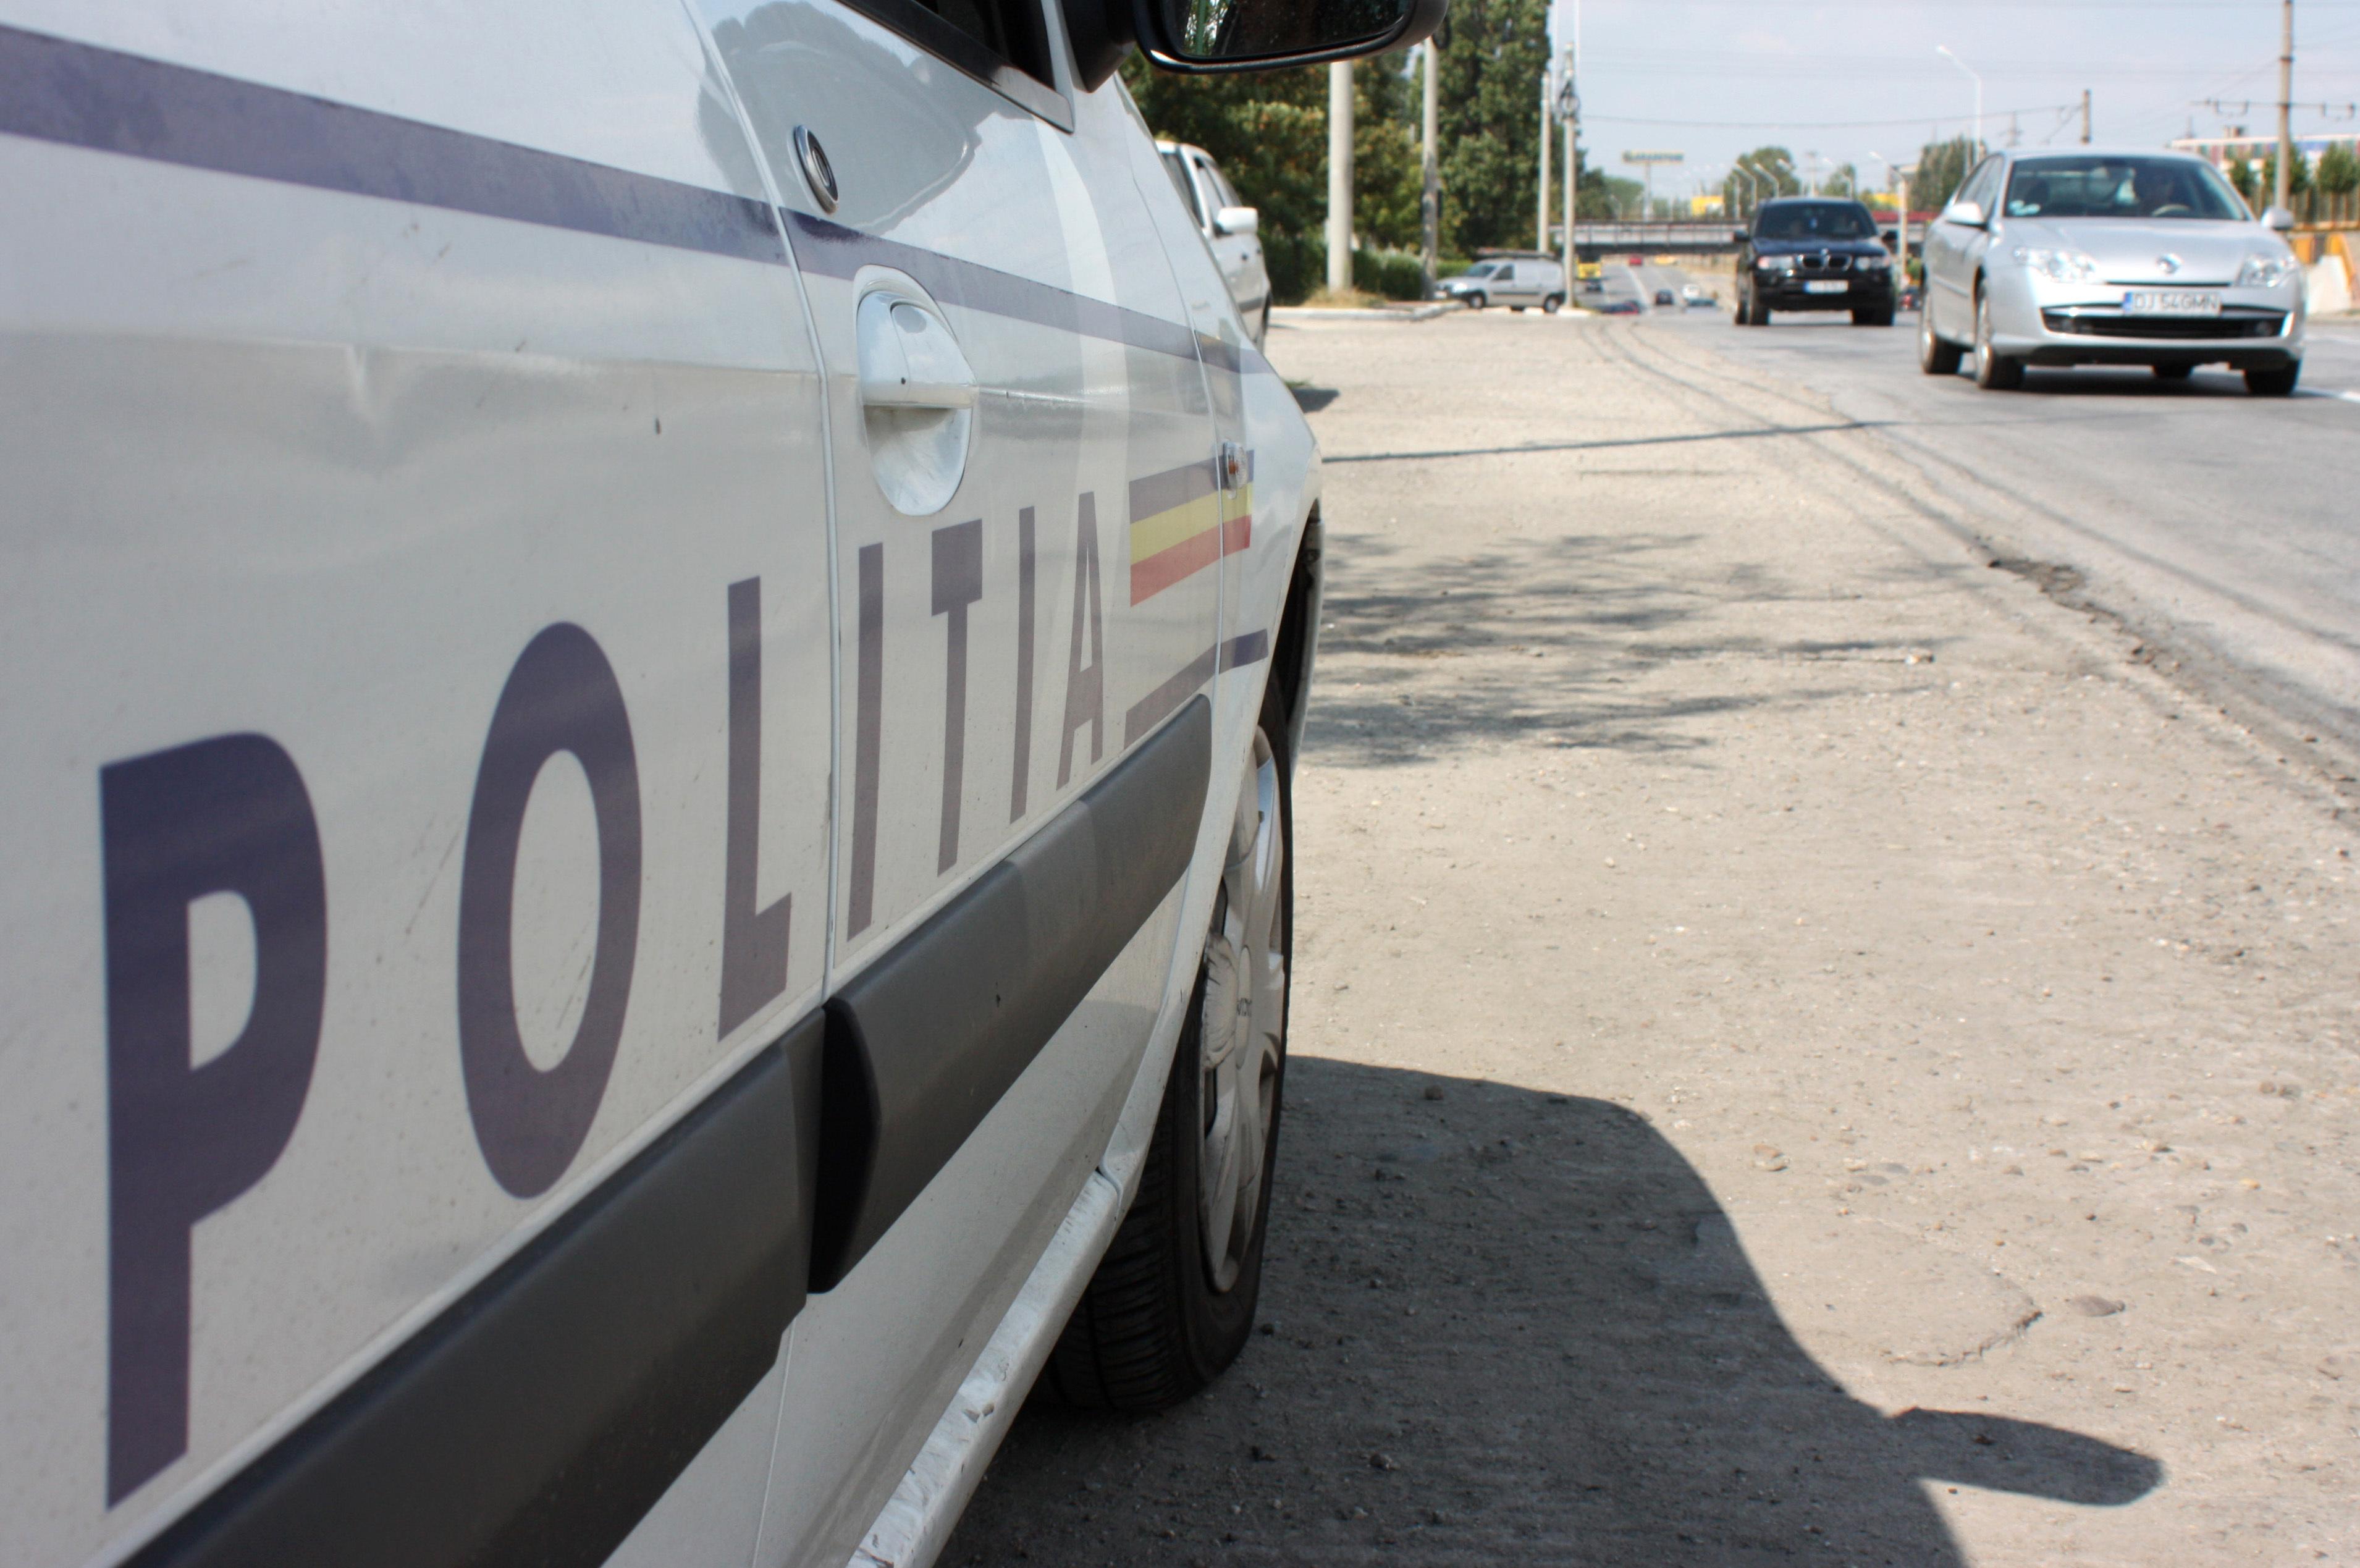 Fost şef la Serviciul Rutier din Buzău, acuzat că a condus o maşină neînmatriculată, trimis în judecată